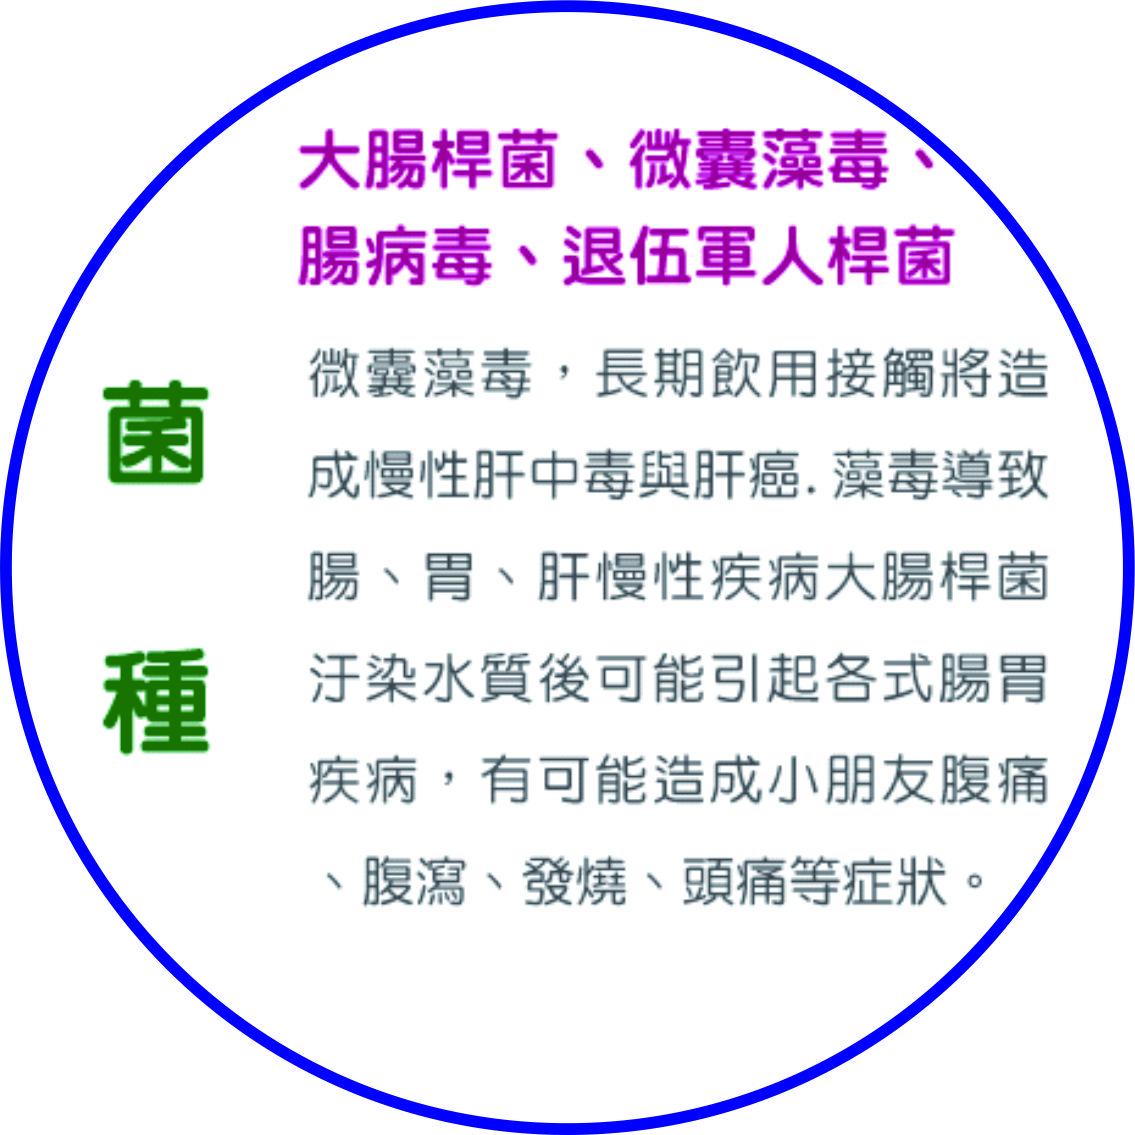 三項警示只標 (1).jpg